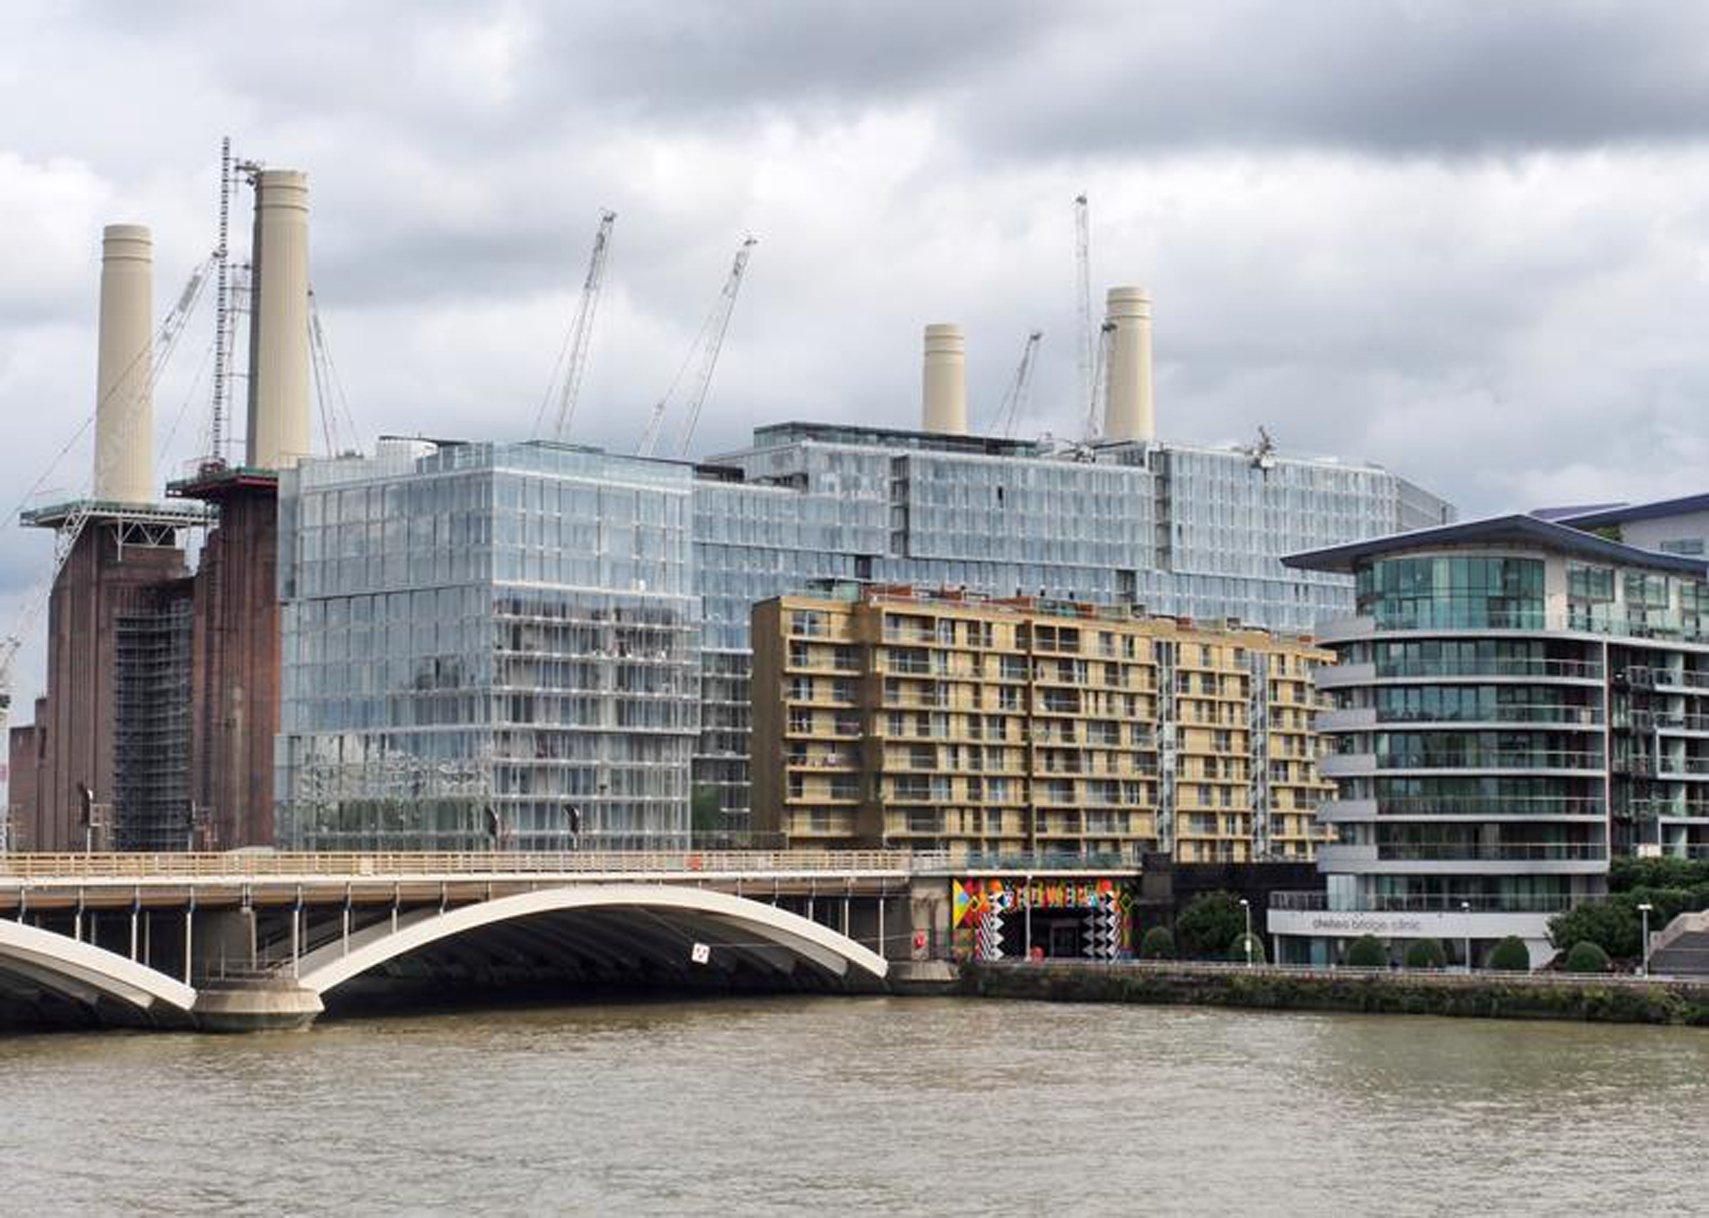 Circus West, Battersea Power Station (Londres) de Simpson Haugh